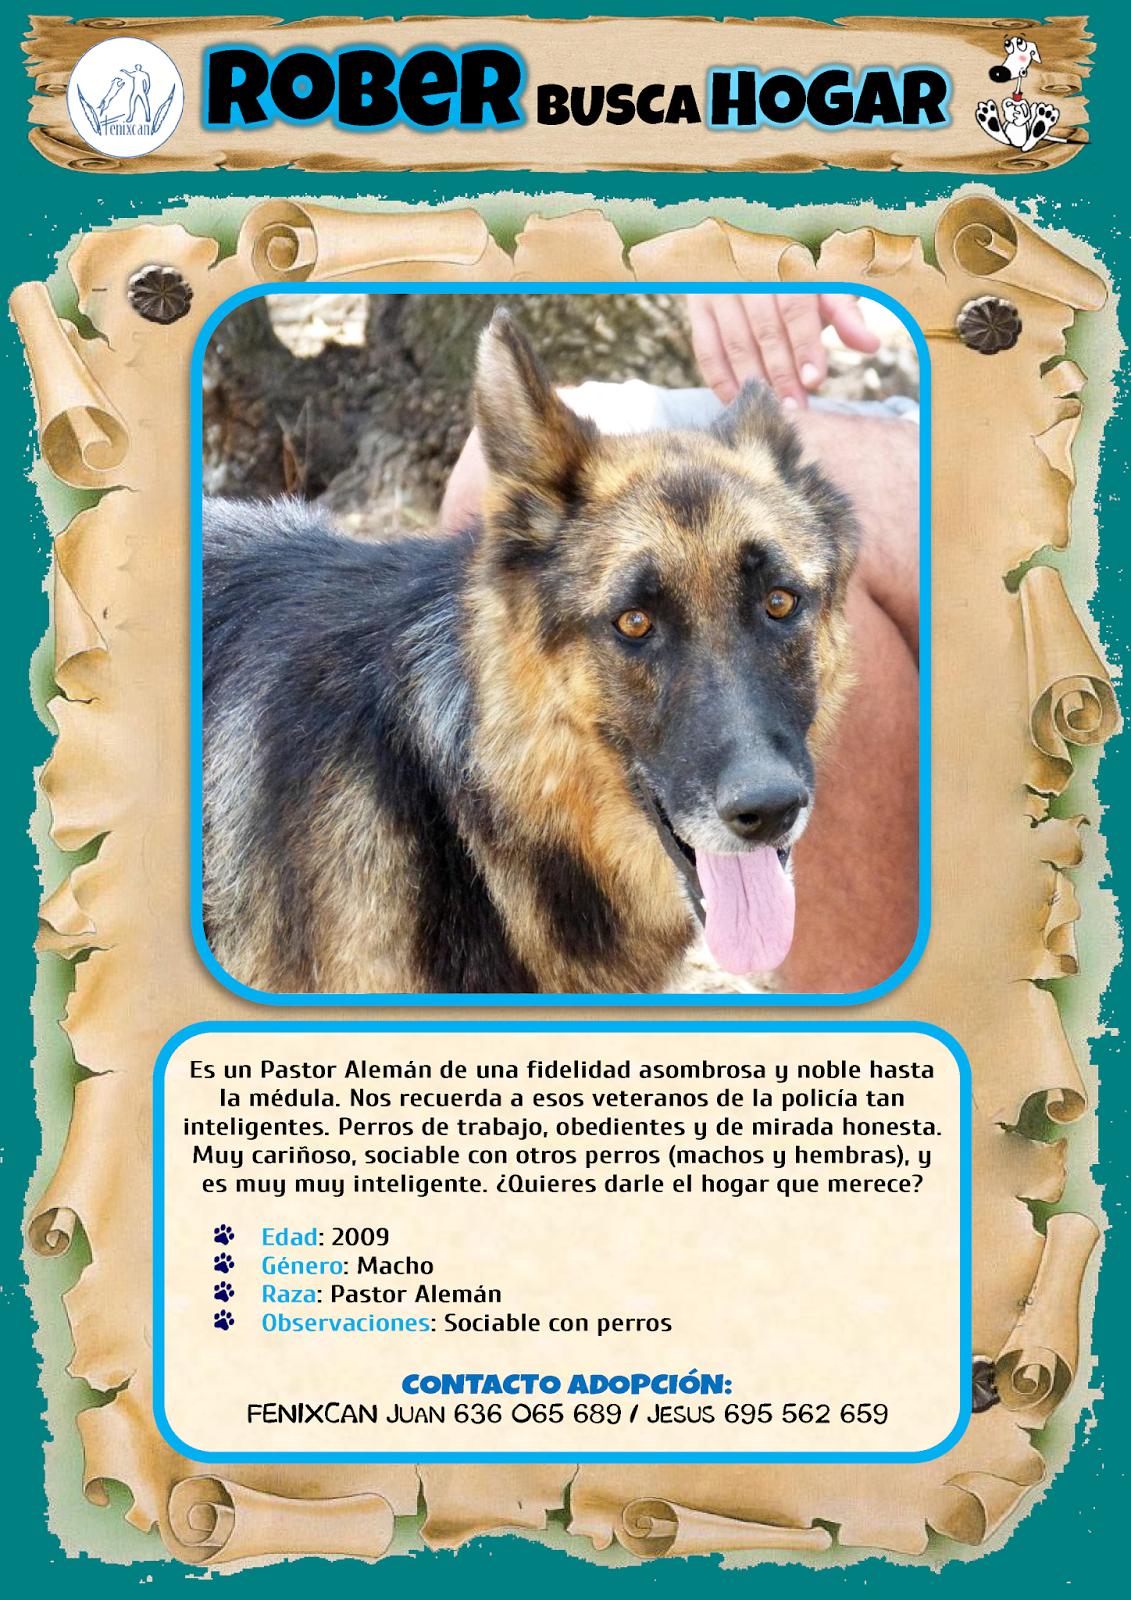 ANIMAL PET SPAIN: PERRO EN ADOPCIÓN: Rober